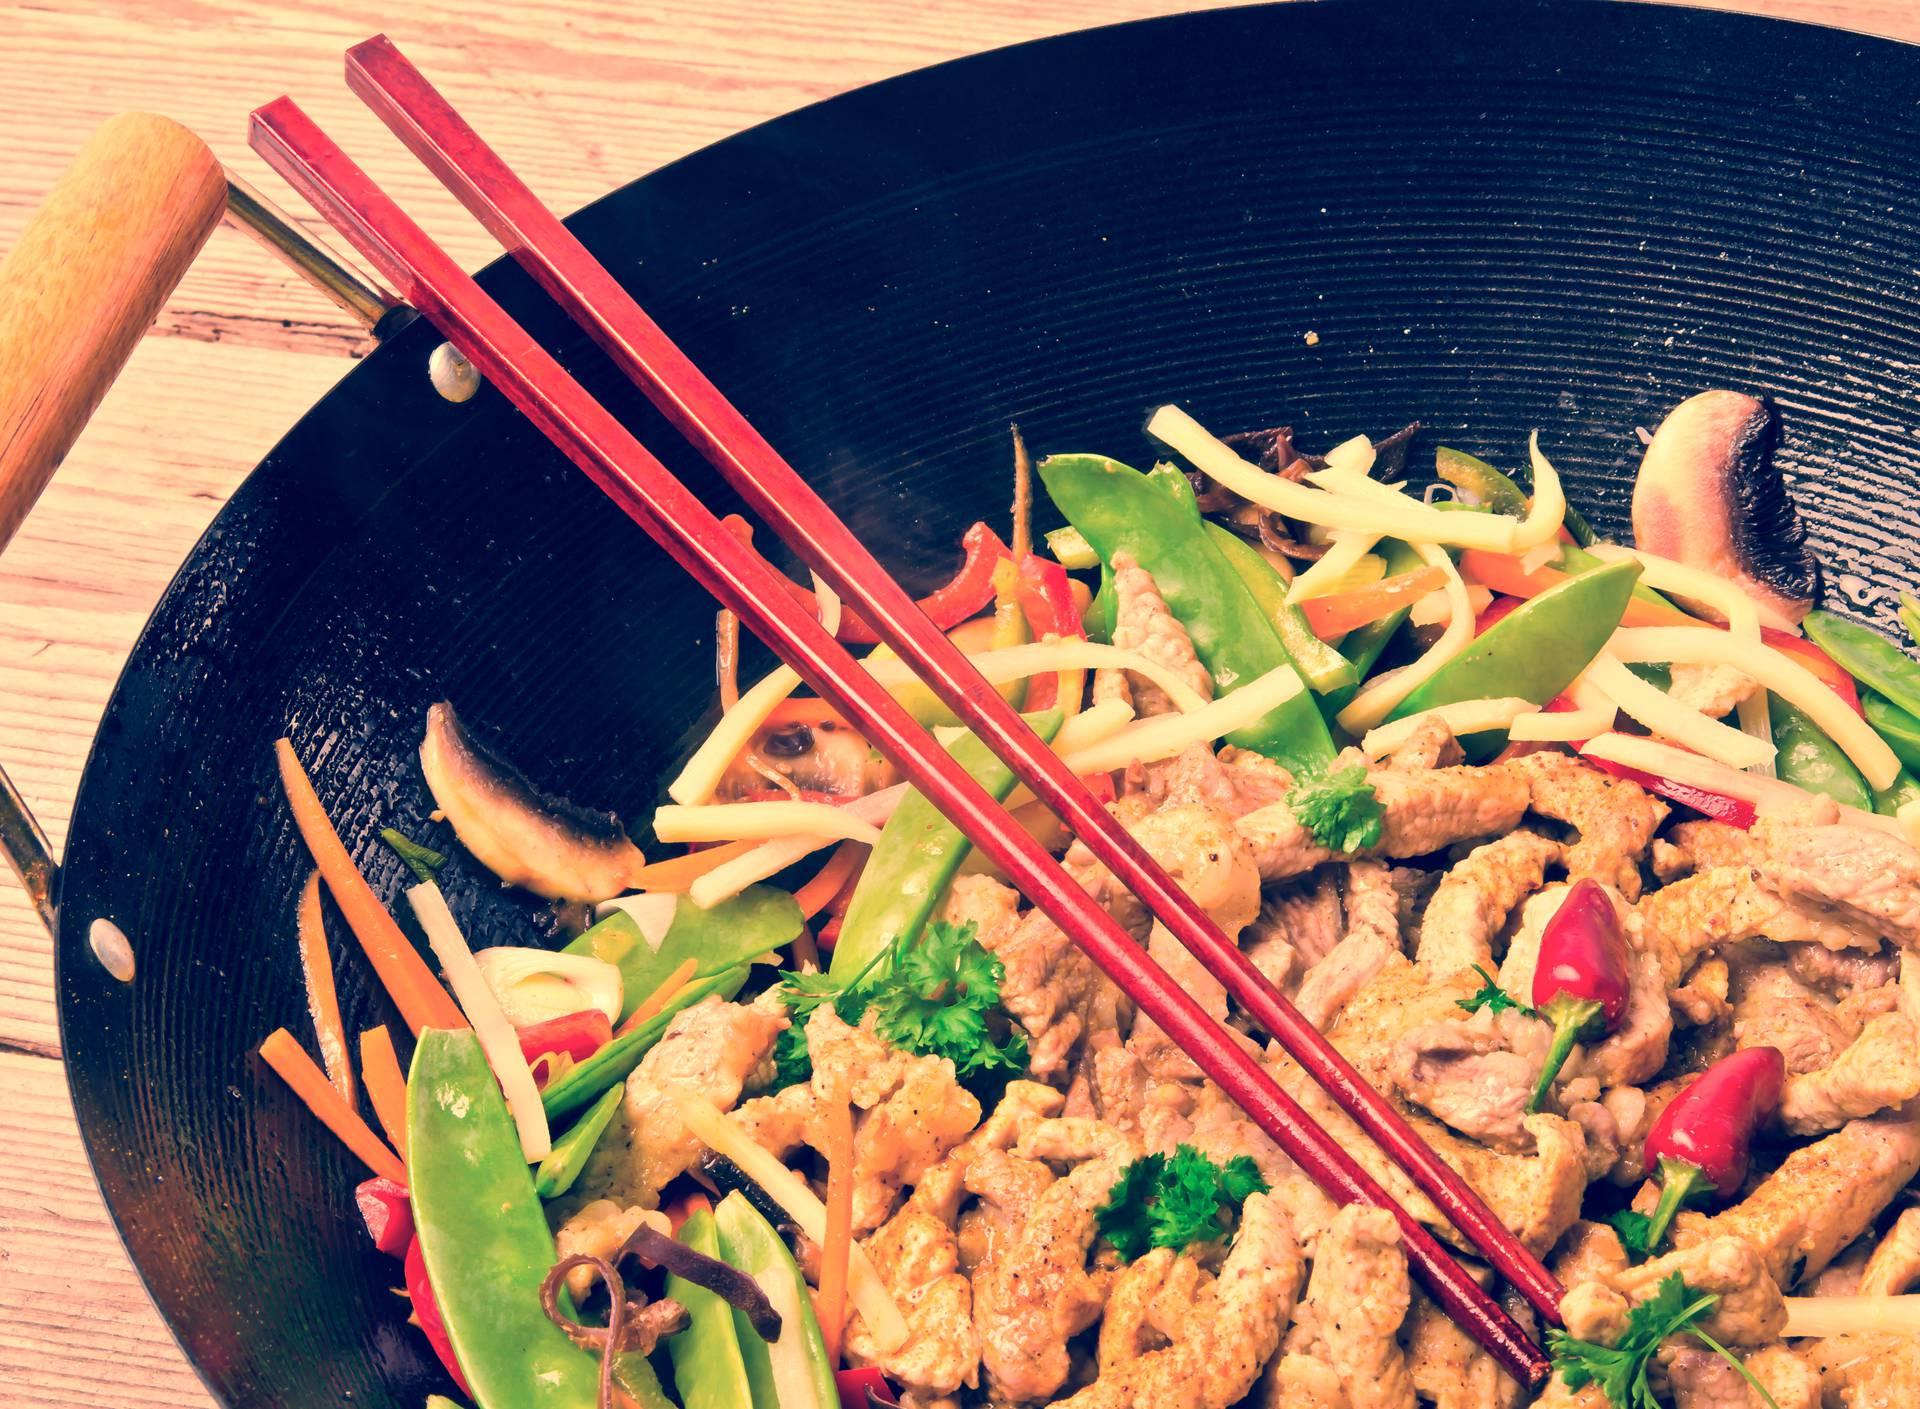 Iznenadite ovaj vikend azijskim aromama: Junetina iz woka